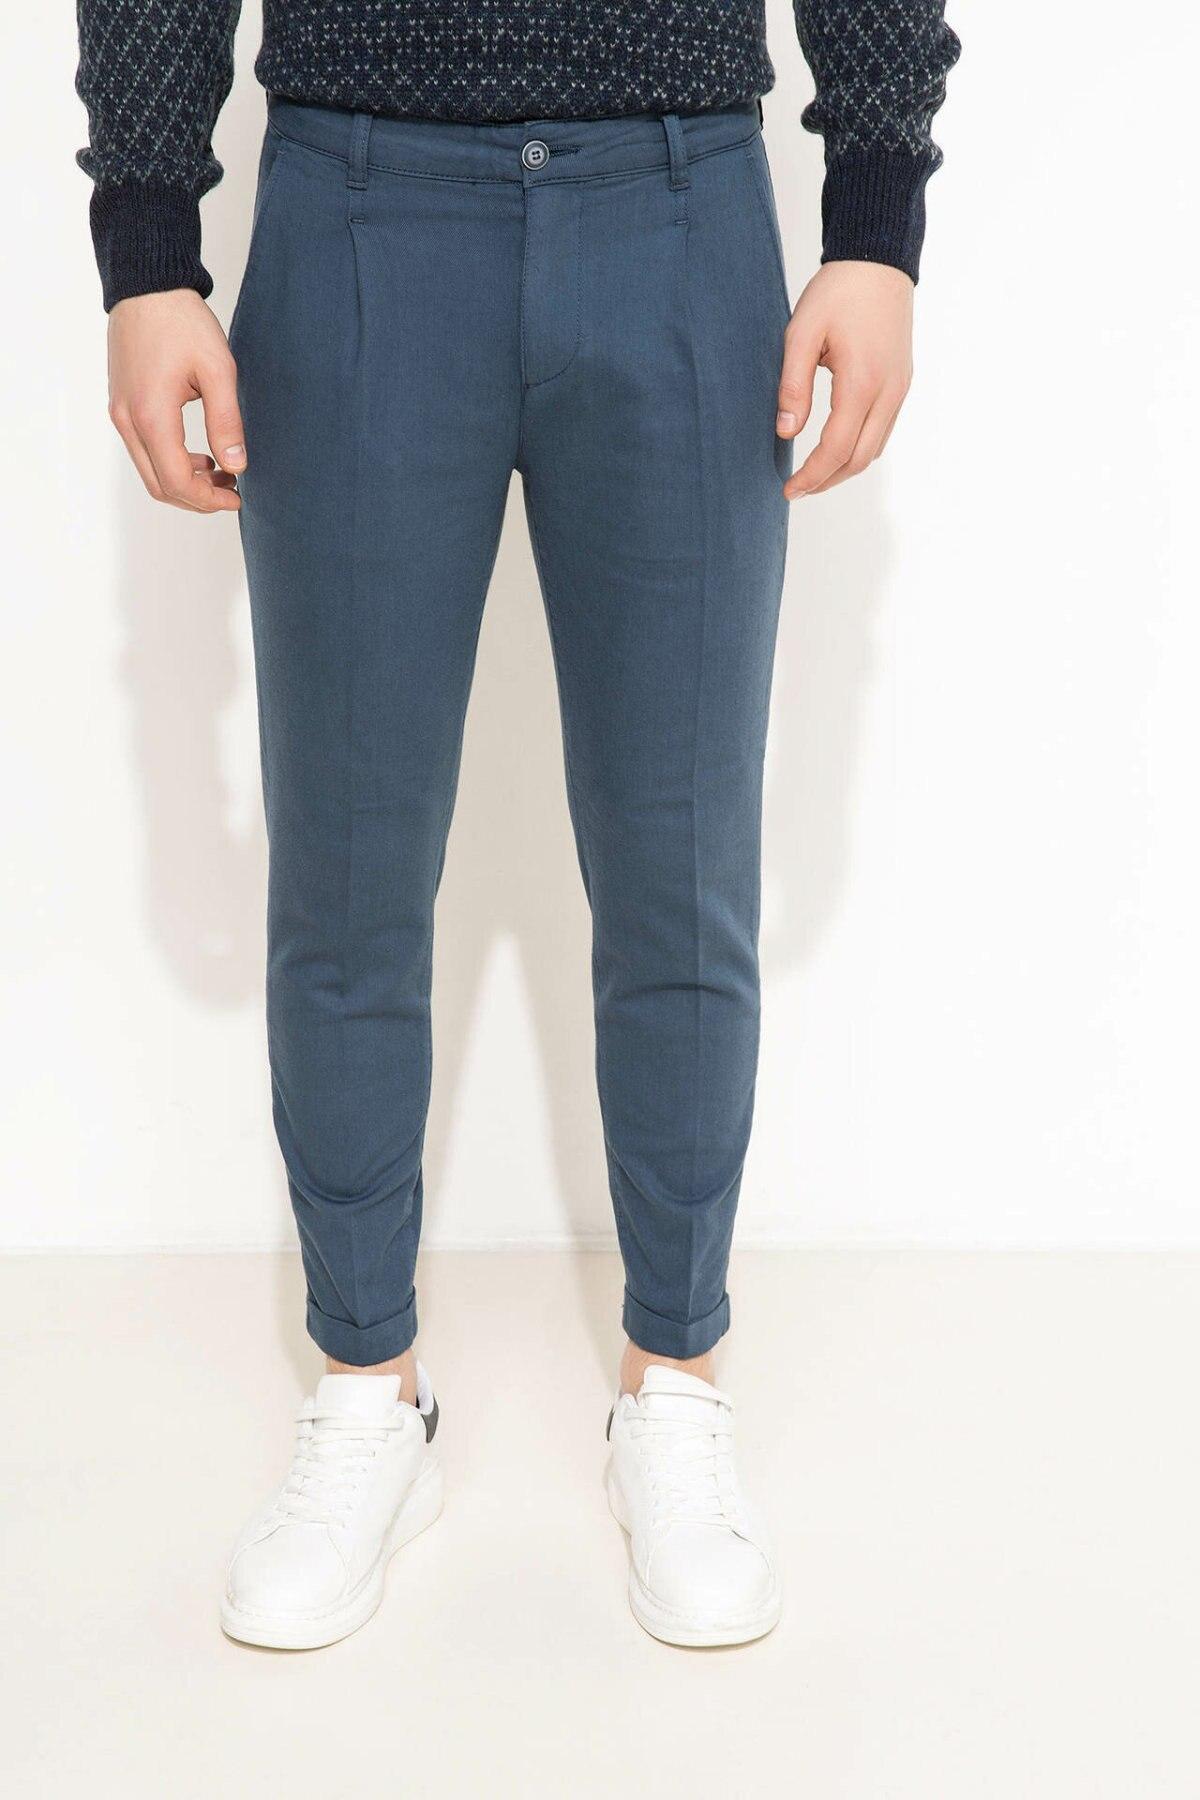 DeFacto Fashion Pure Color Zipper Men Pants Slim Casual Male Trousers Classic Style Pants For Men's New - H4297AZ17WN